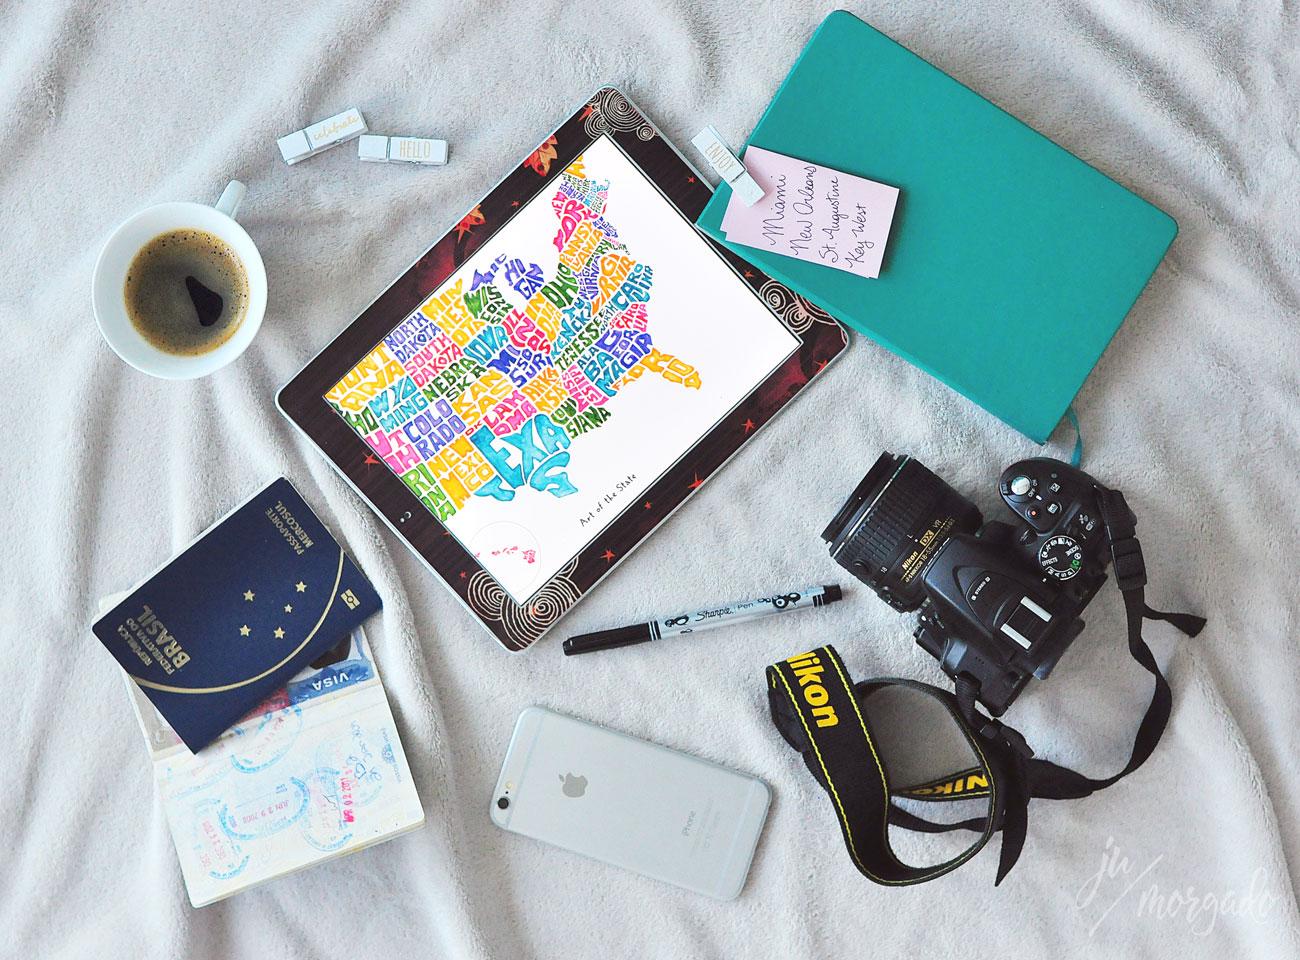 Foto com vários itens para planejar uma viagem. Um caderno, uma câmera, um mapa, o passaporte.